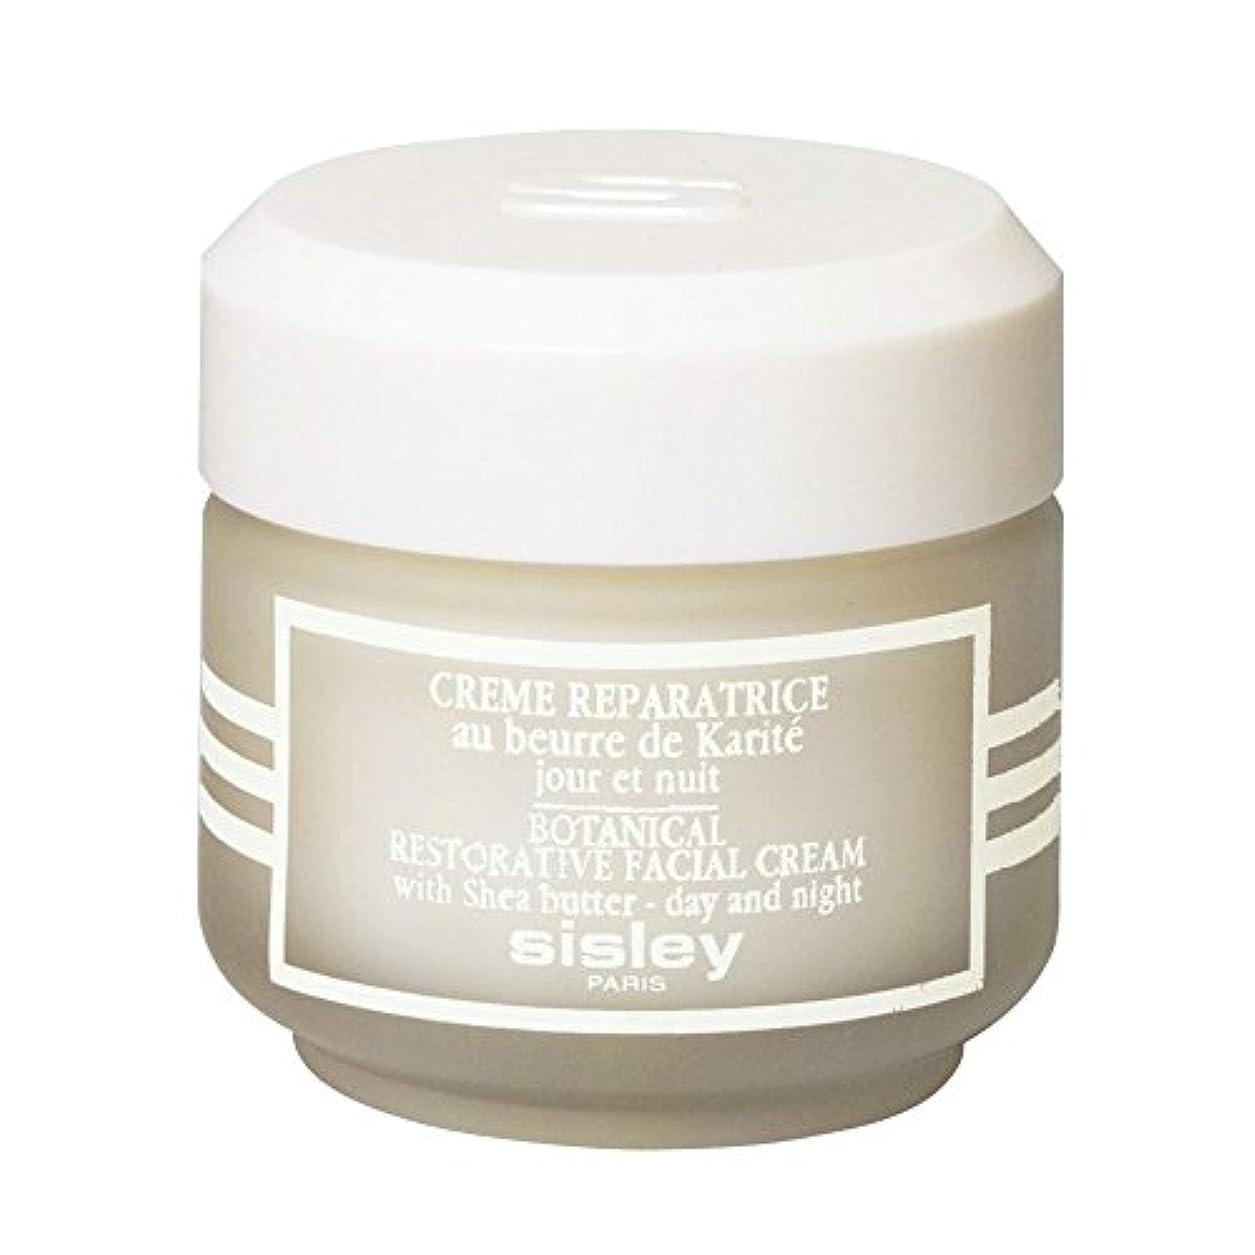 承認島改善する[Sisley] シスレーボタニカル修復フェイスクリーム、50ミリリットル - Sisley Botanical Restorative Face Cream, 50ml [並行輸入品]